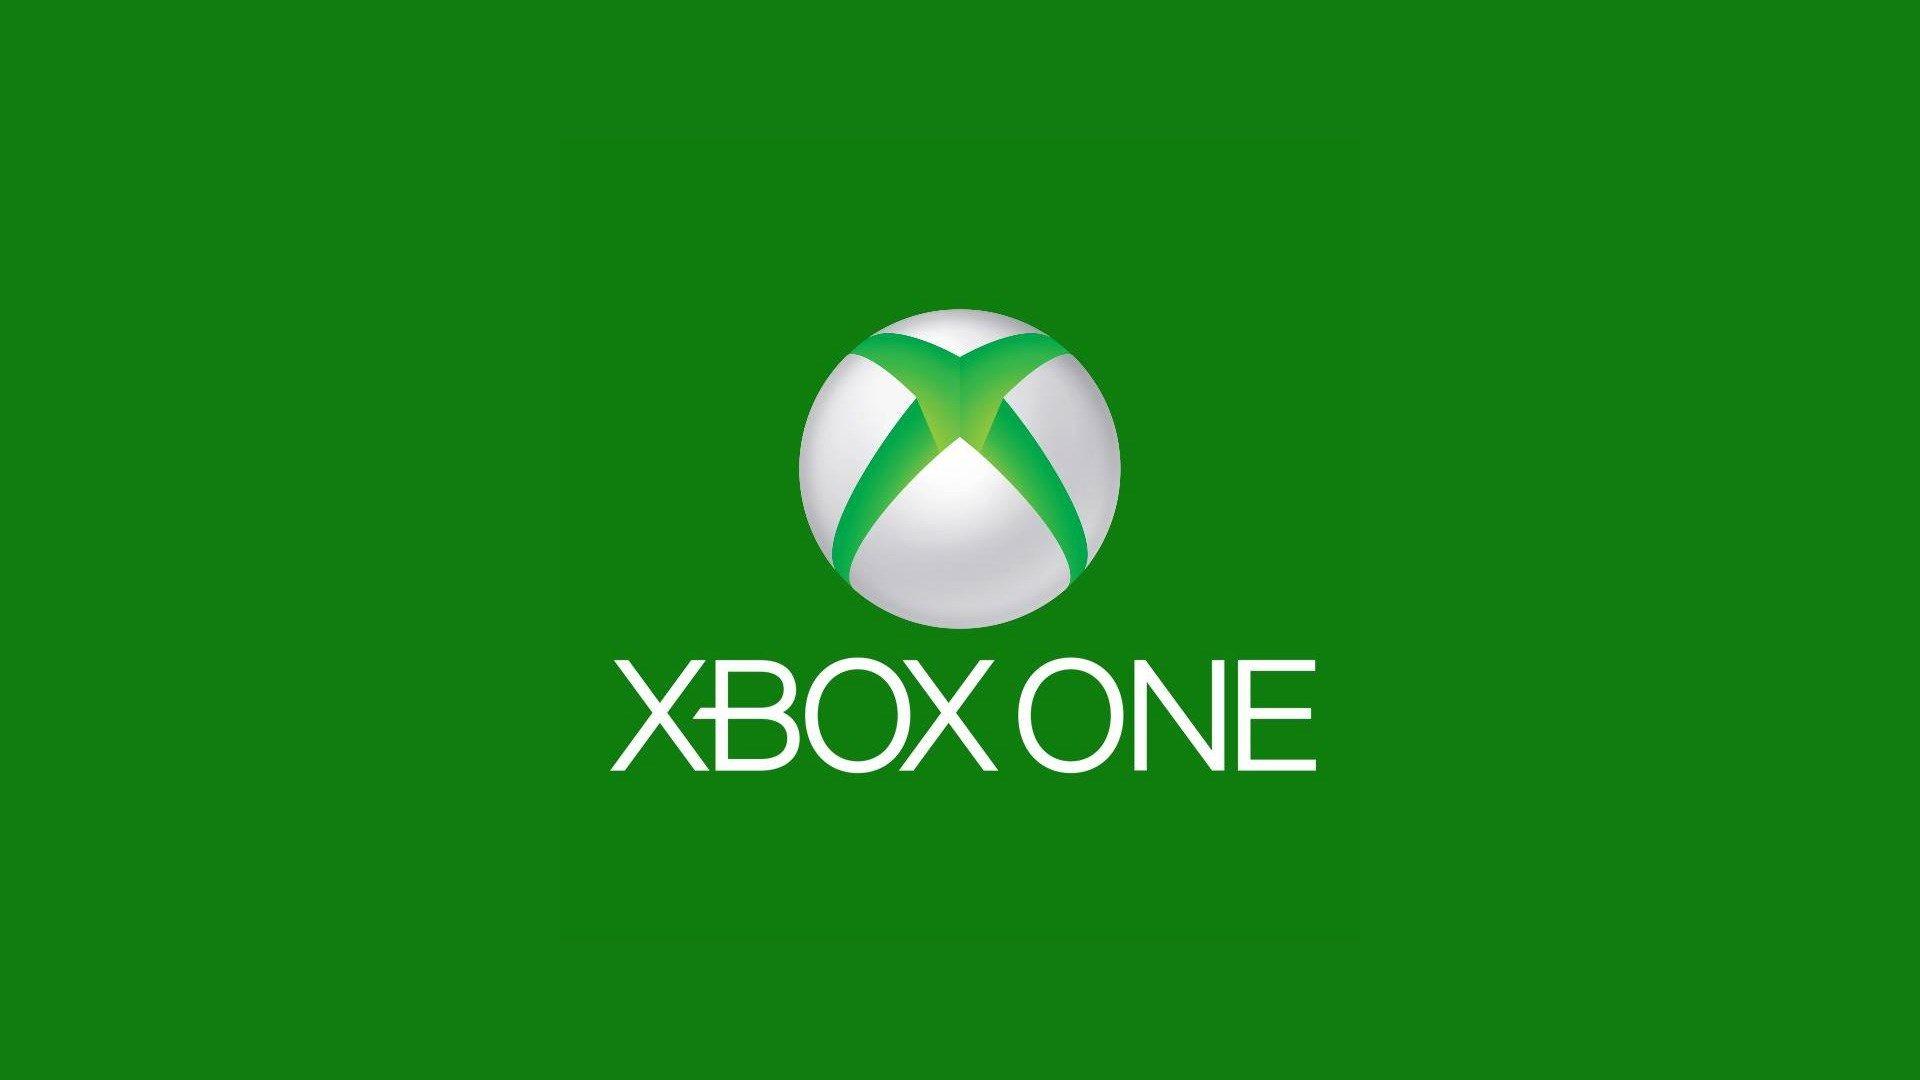 Hd Xbox Background Xbox Logo Xbox One System Xbox One S